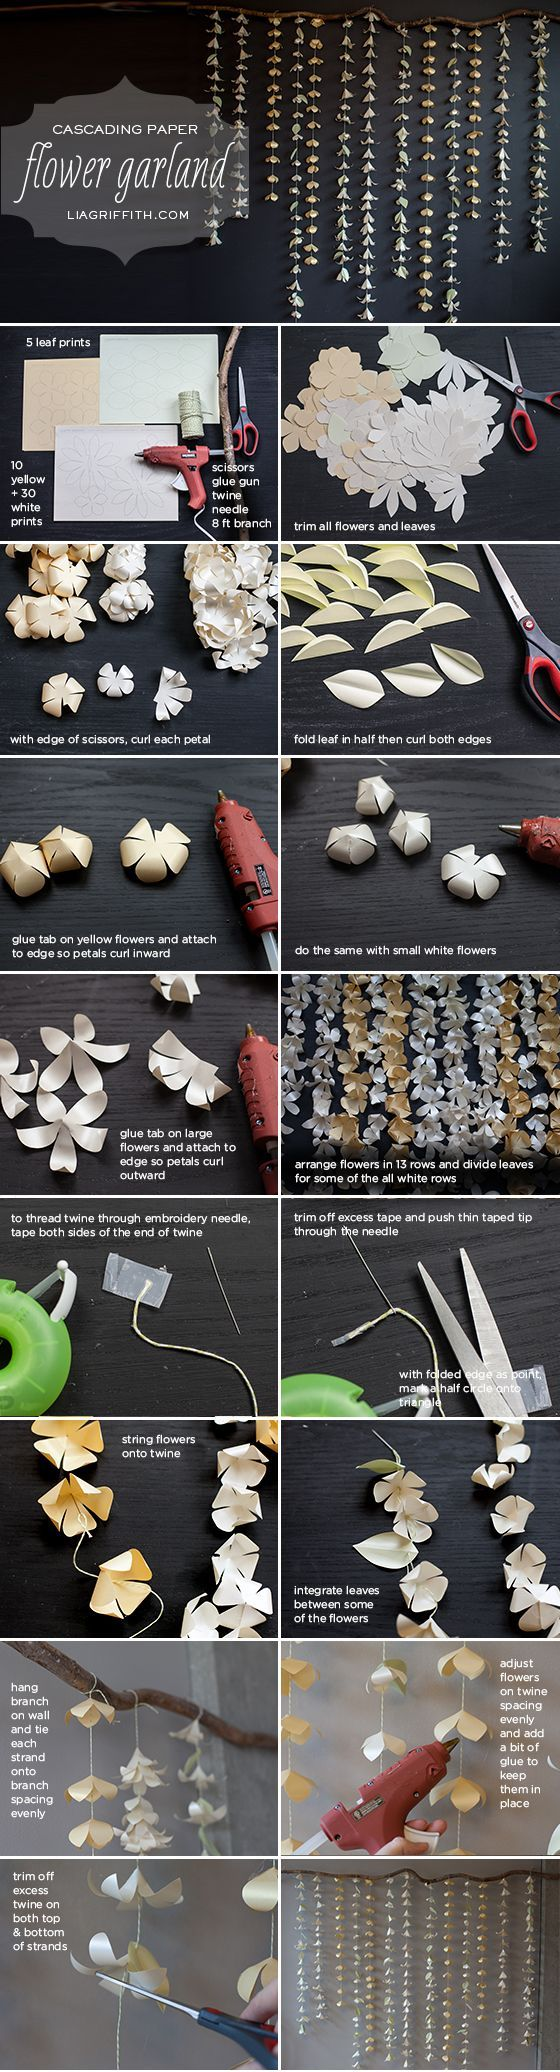 Cascading Paper Flower Garland + Tutorial  http://liagriffith.com/cascading-paper-flower-garland-tutorial/